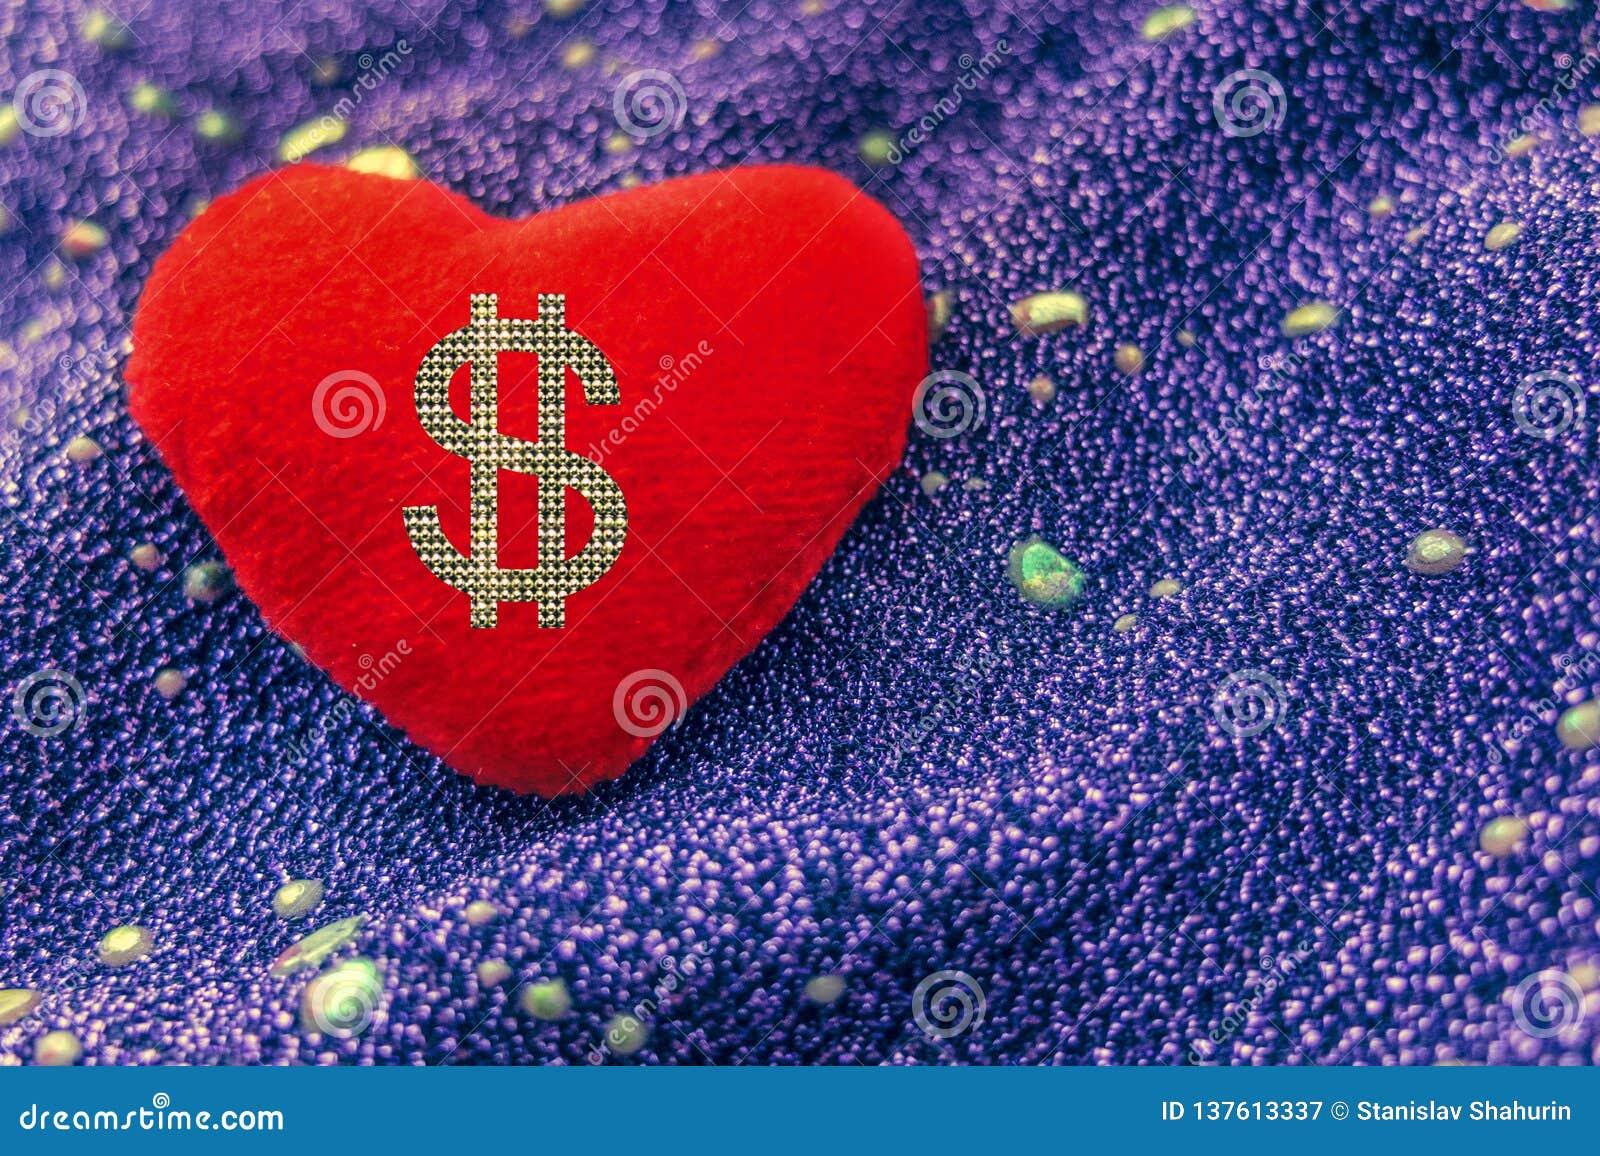 Bel argent dimensionnel trois d amour de l illustration 3d très Dollar de signe sur le coeur rouge